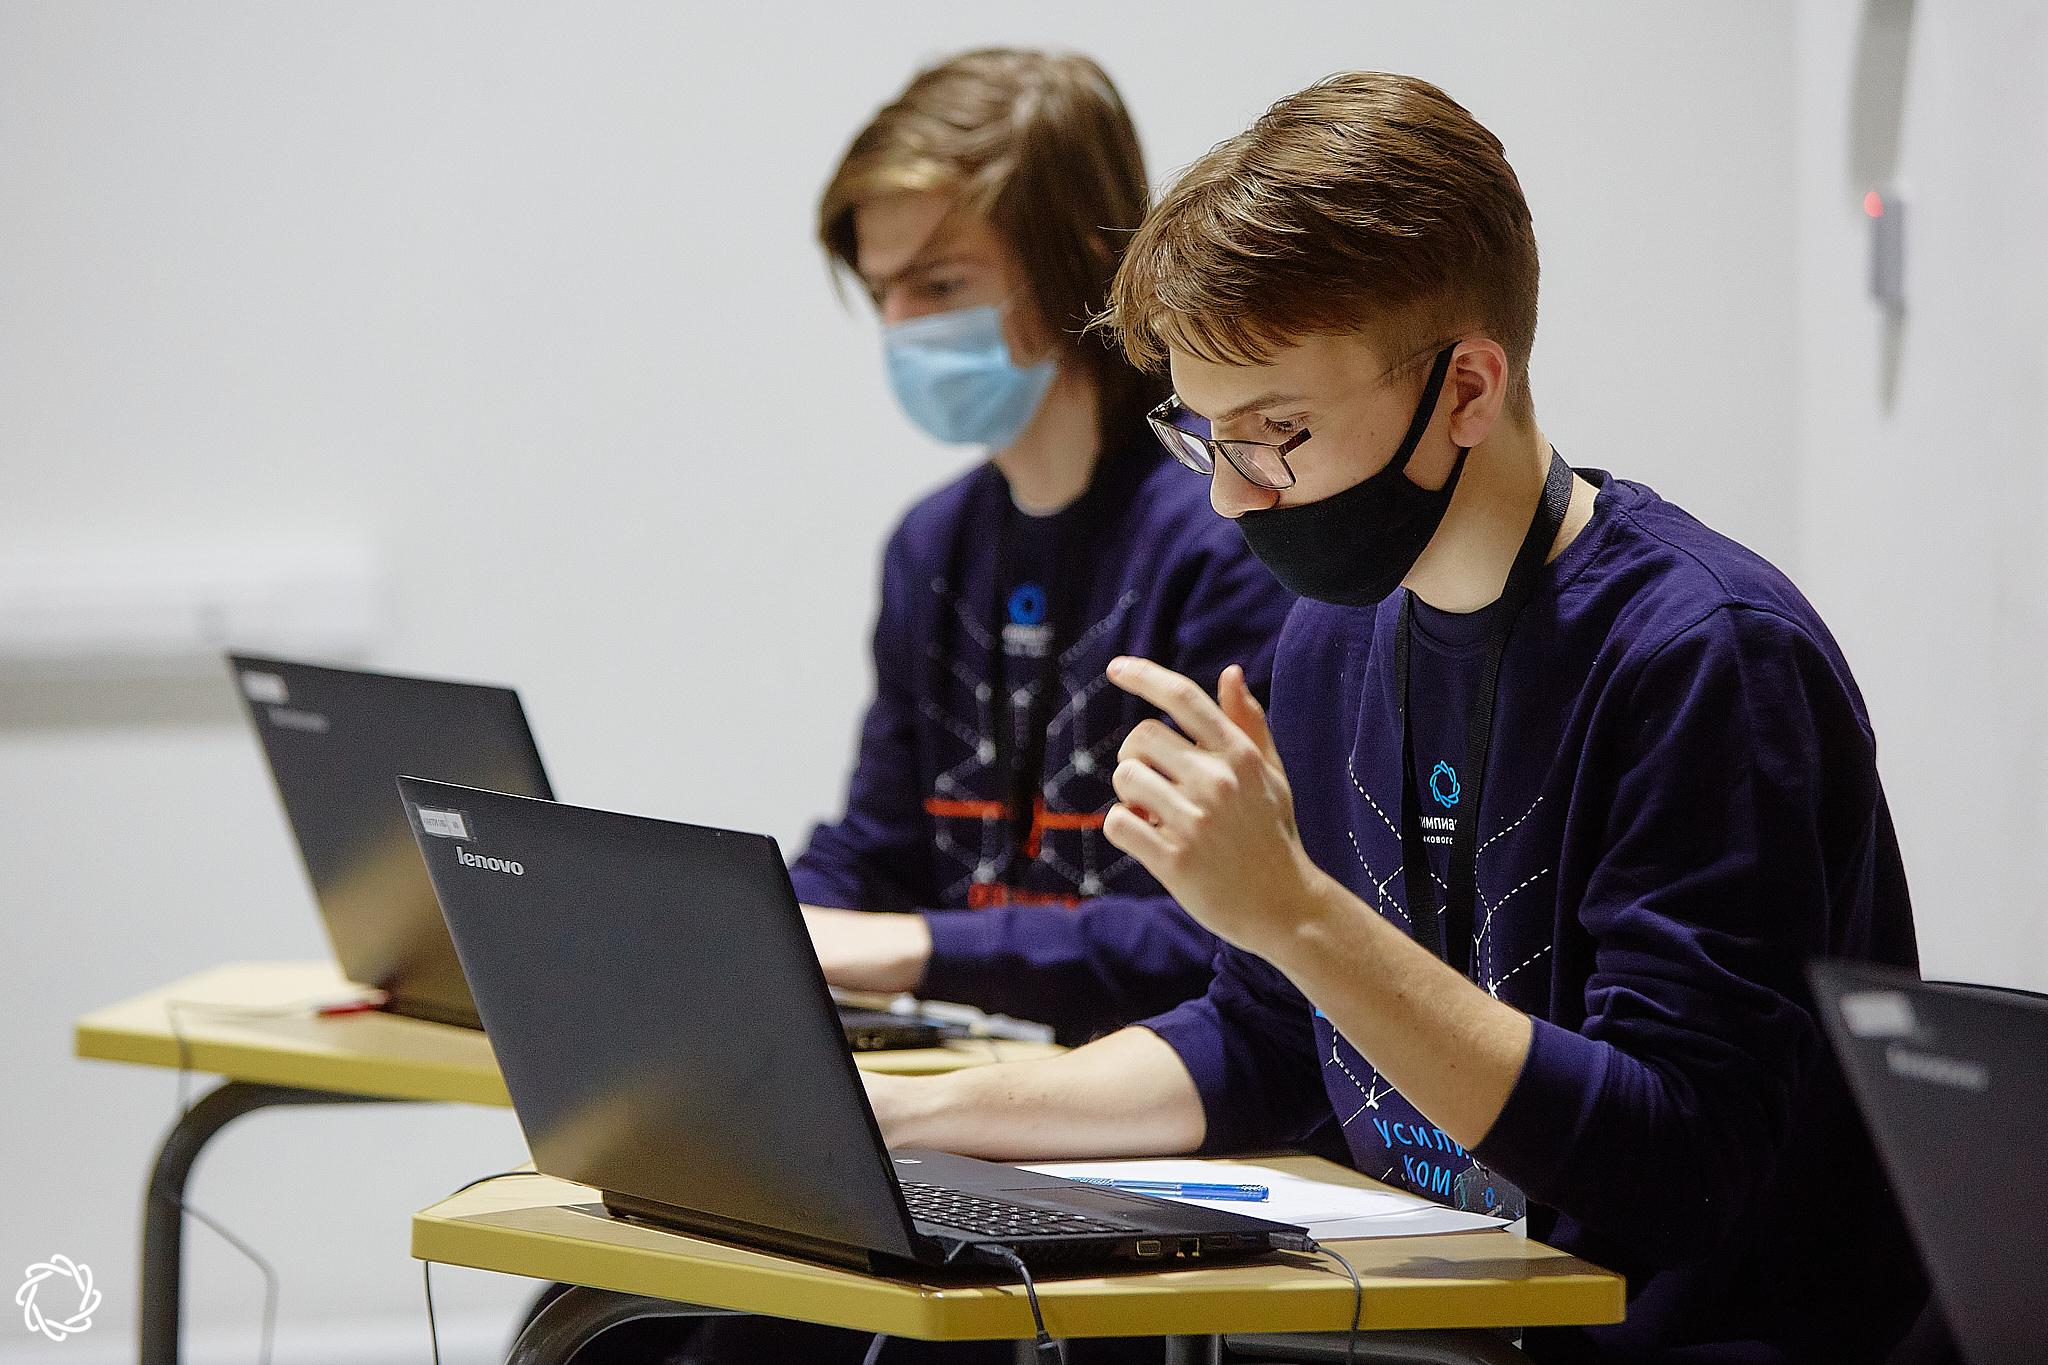 Финалисты Олимпиады Кружкового движения НТИ научились защищать веб-приложения от кибератак